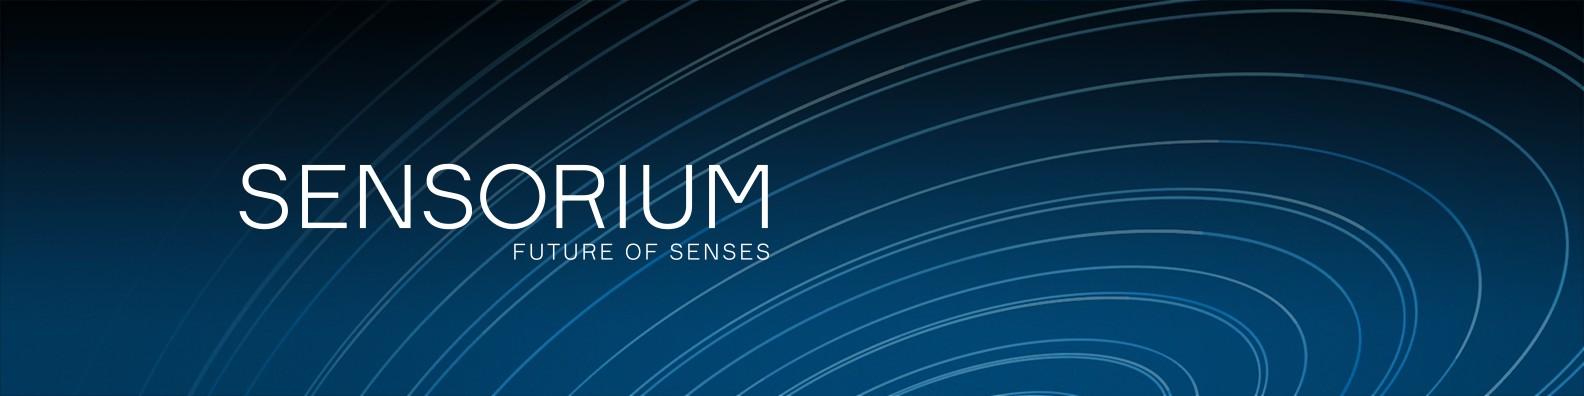 Sensorium1